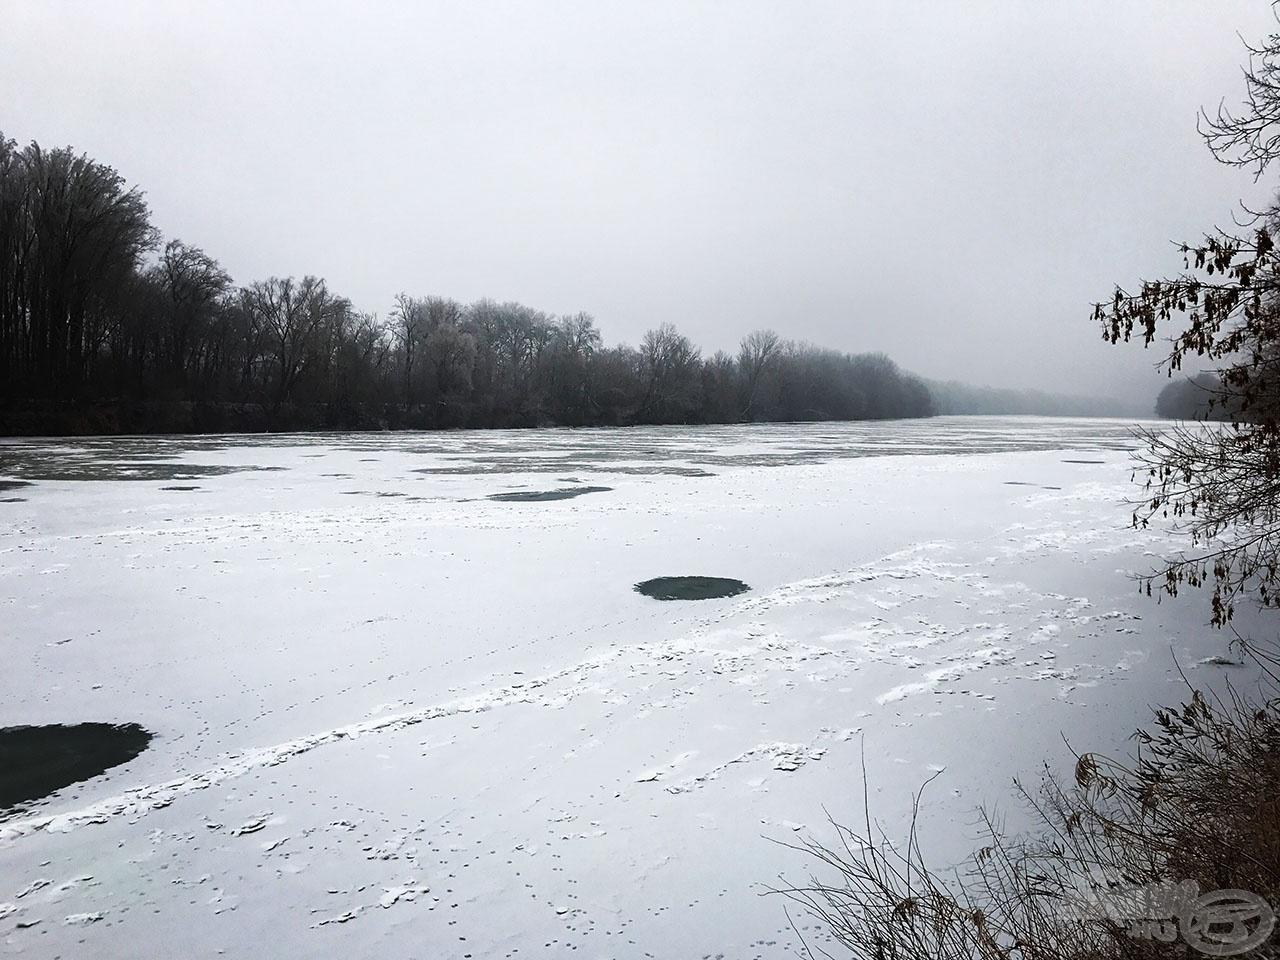 Parttól partig jég, itt esélytelen a horgászat